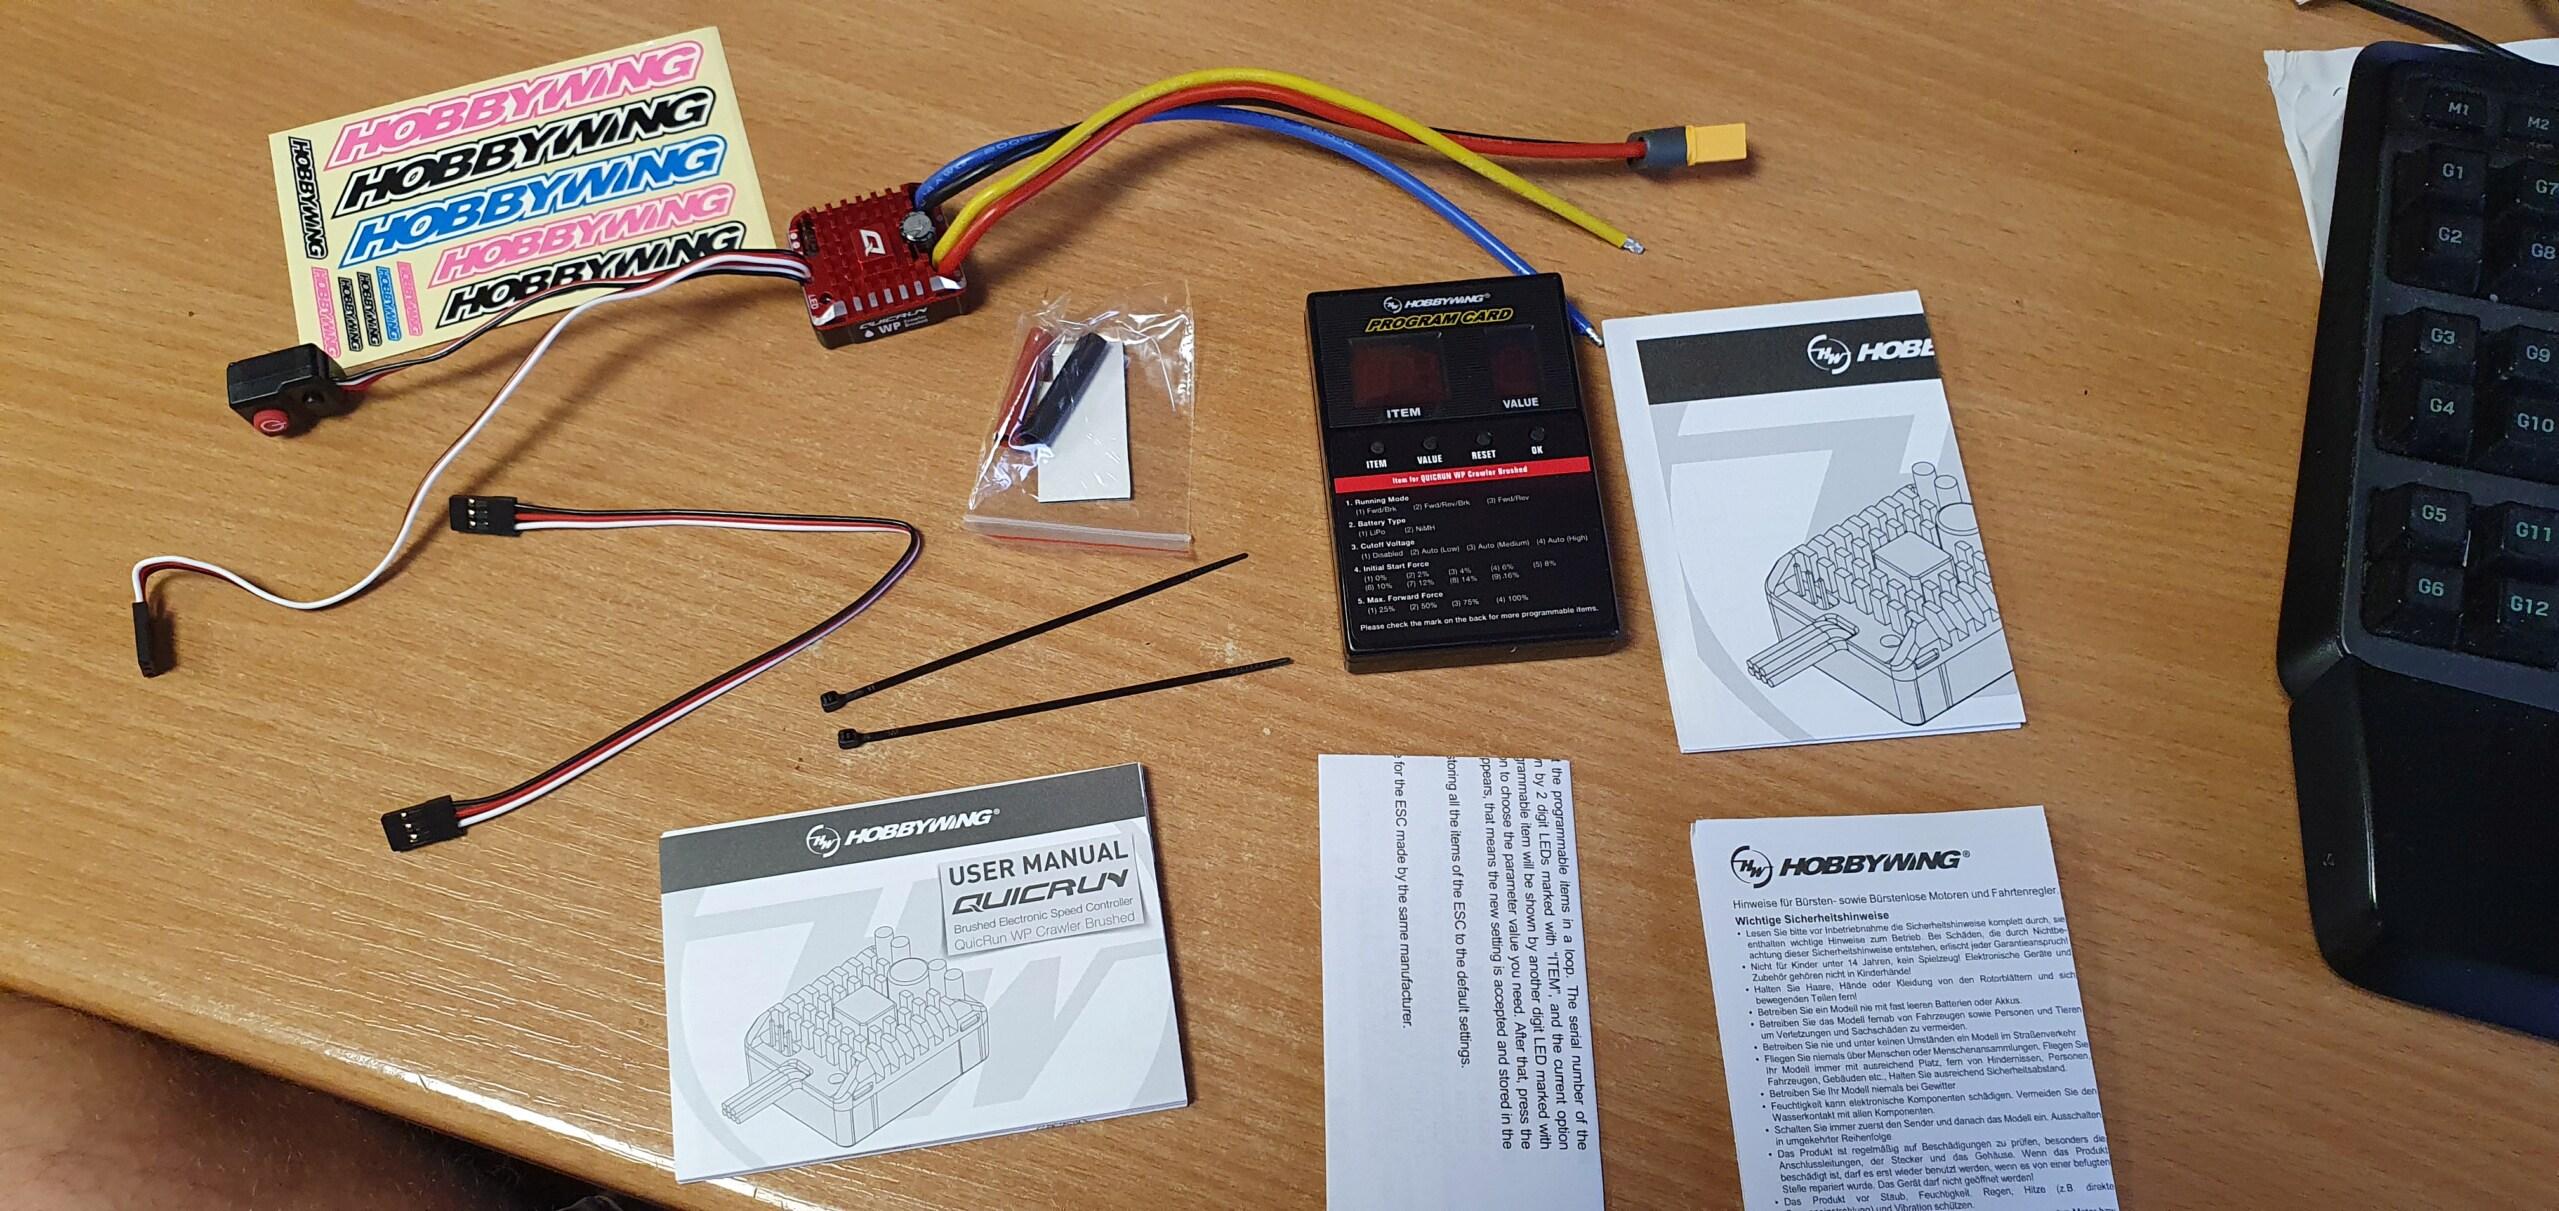 Variateur électronique TRX4 Cramé  - Page 4 20200840